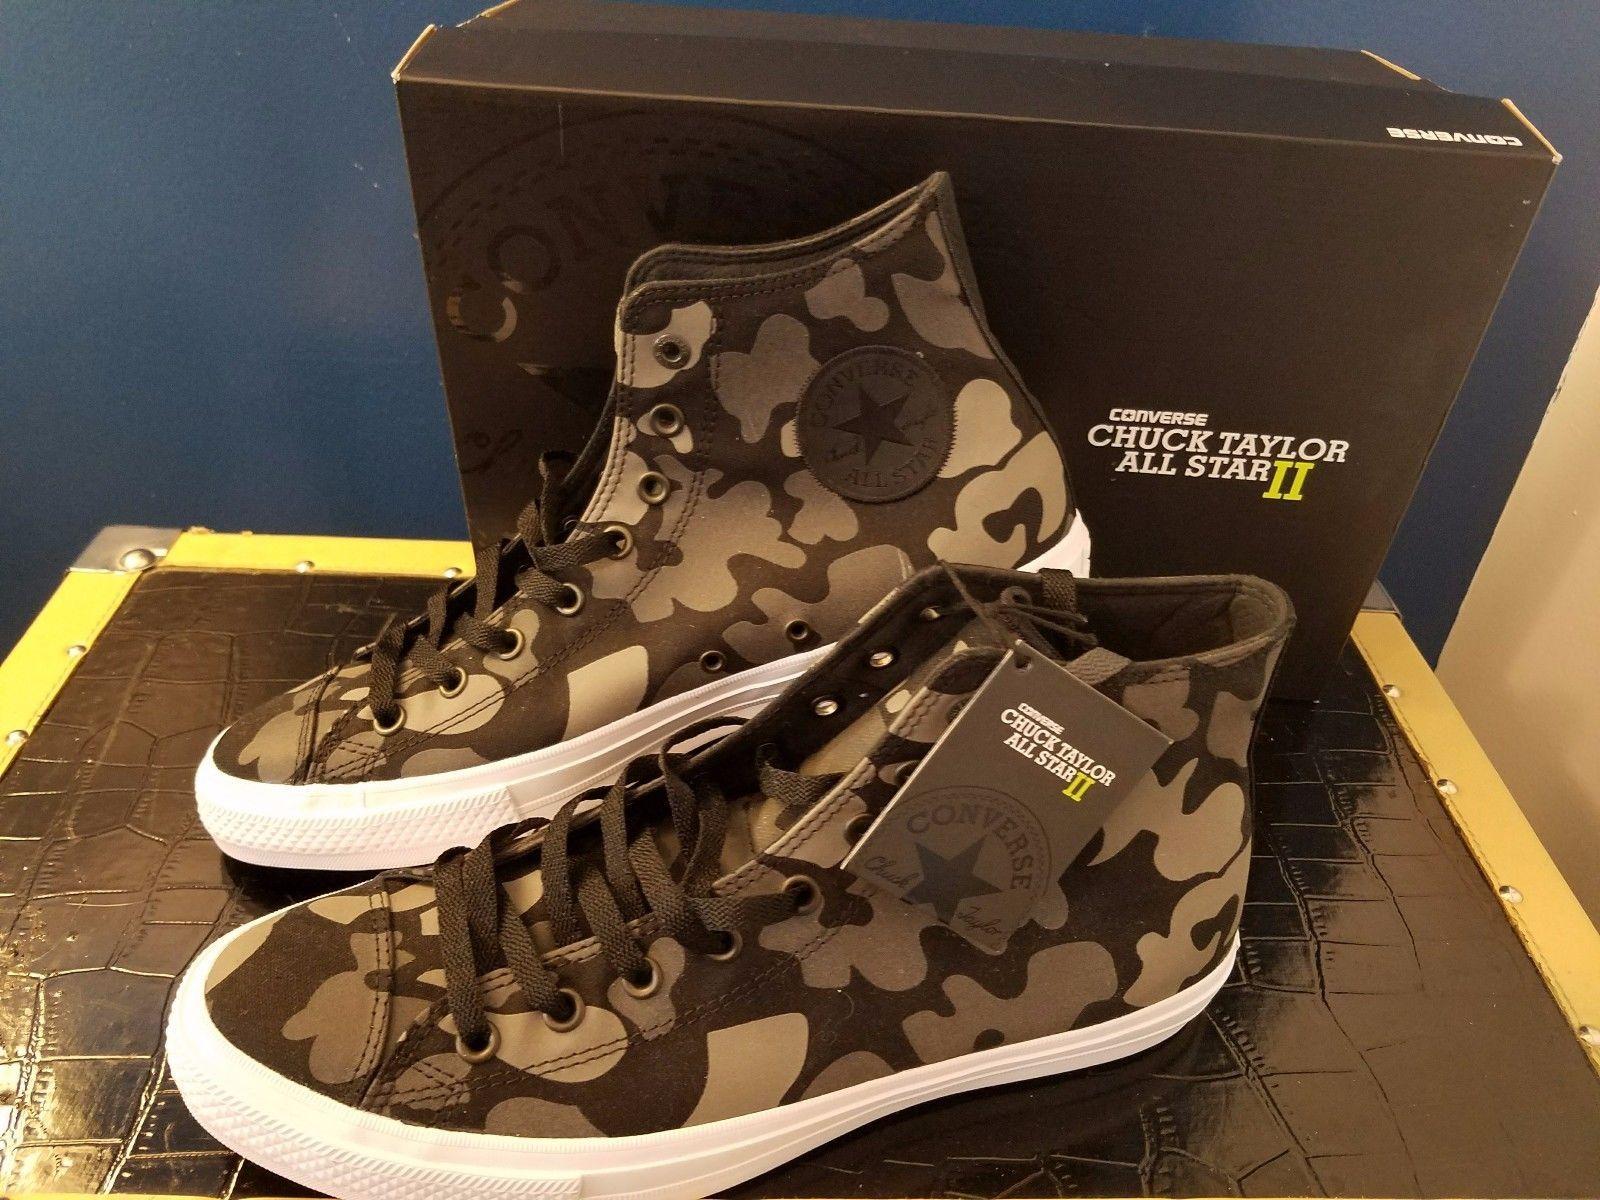 c507a32a1dfb Unisex Adult Shoes 155196  Converse Chuck Taylor Hi Top All Star Ii  Reflective Camo Men